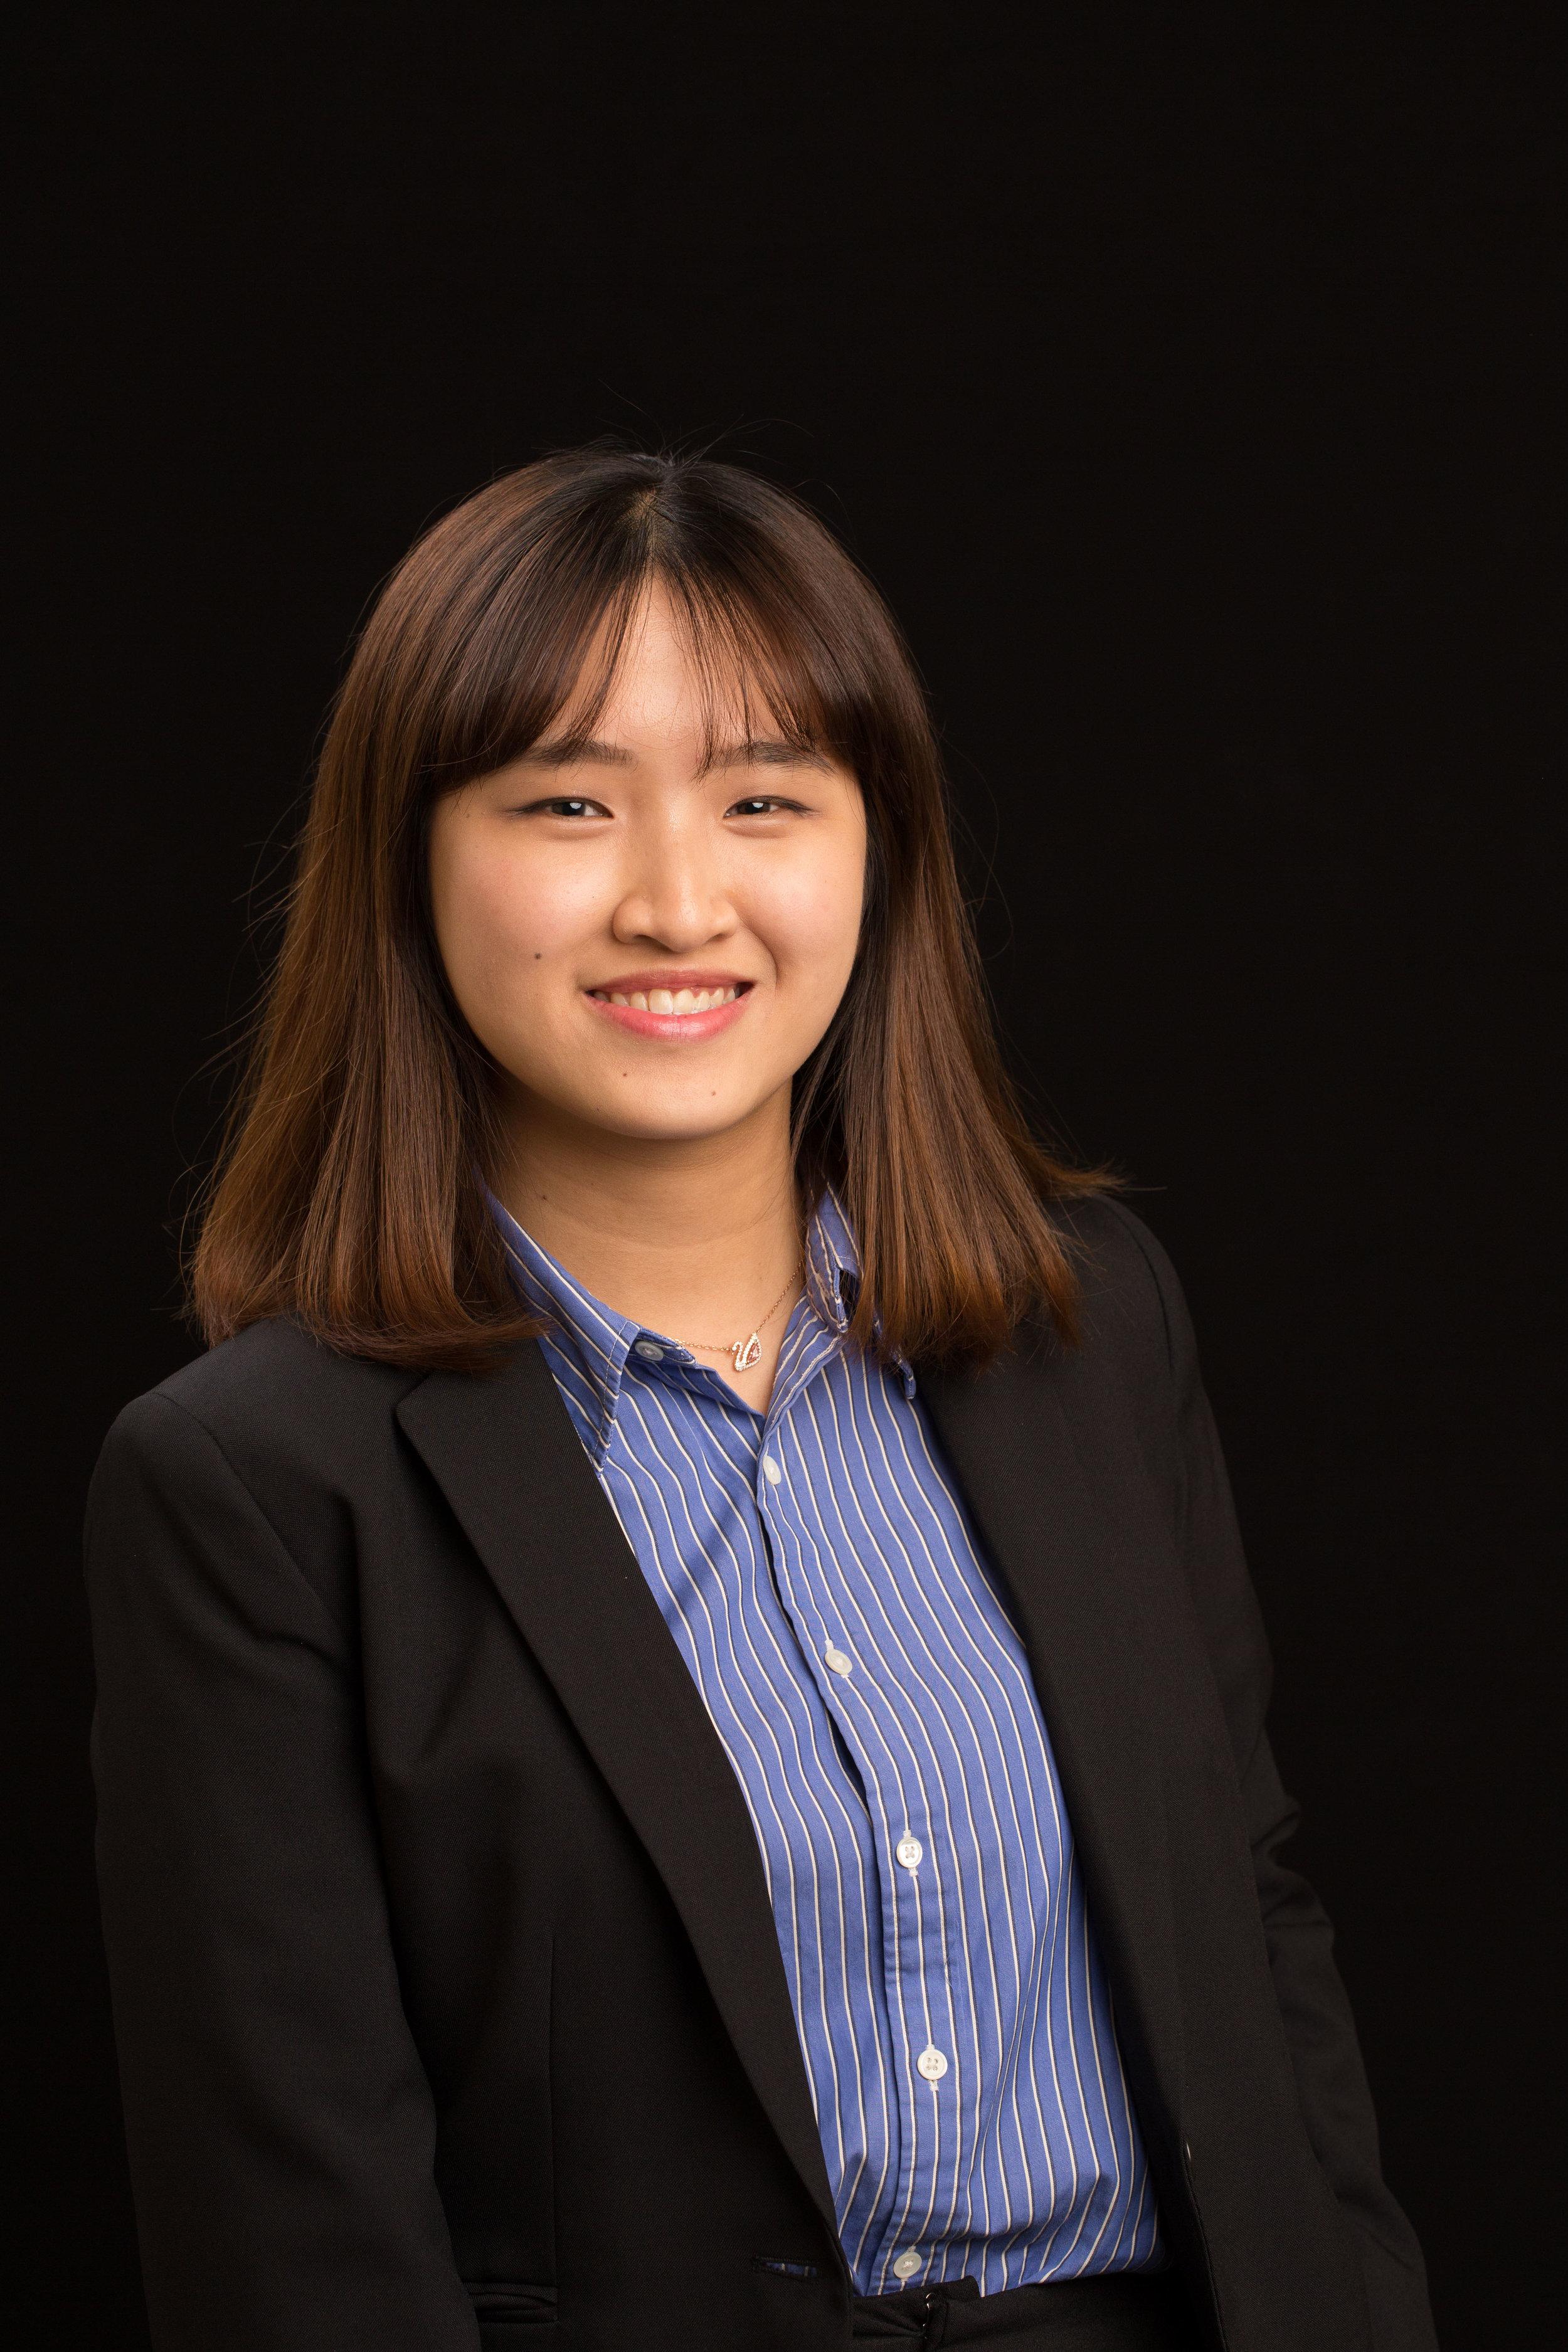 Tina Ho - Youth Program Assistant